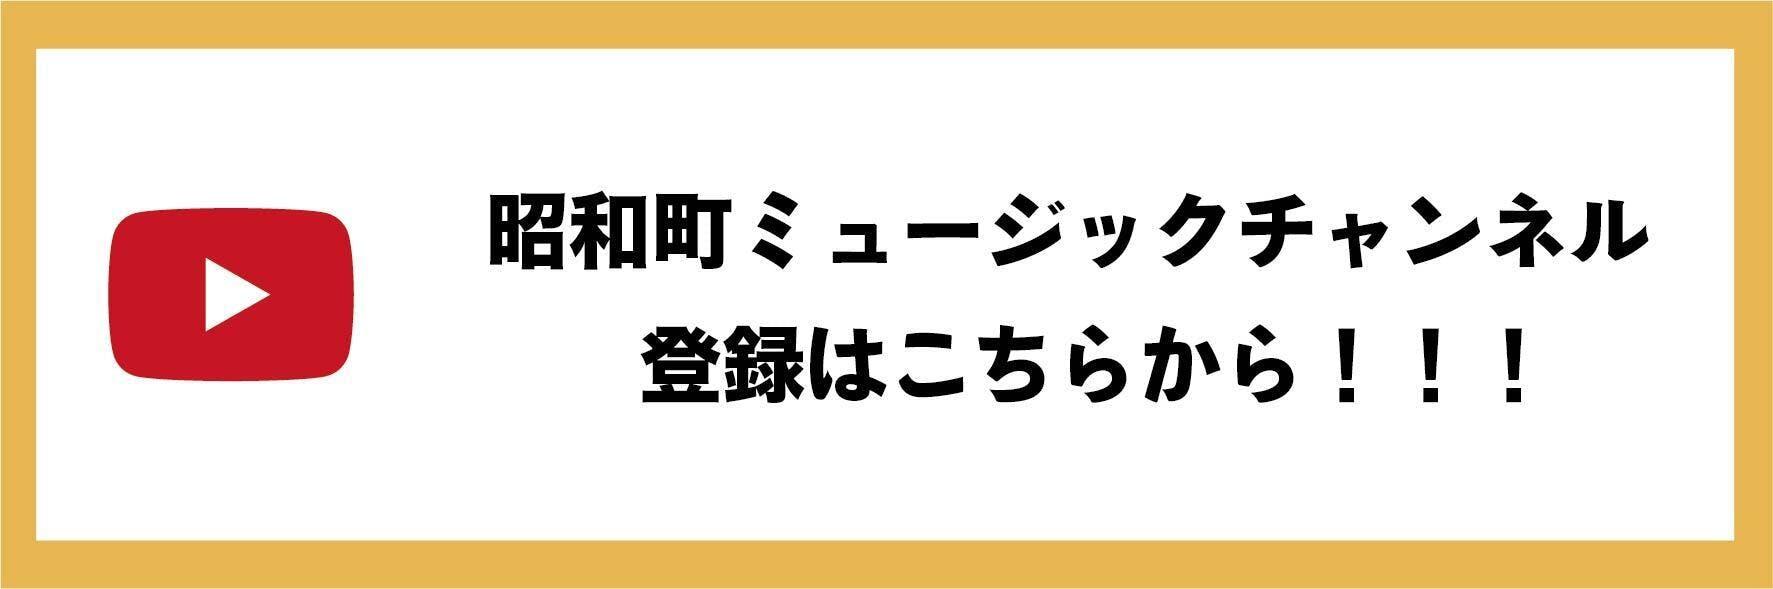 大阪 コロナ ライブ ハウス アーティスト